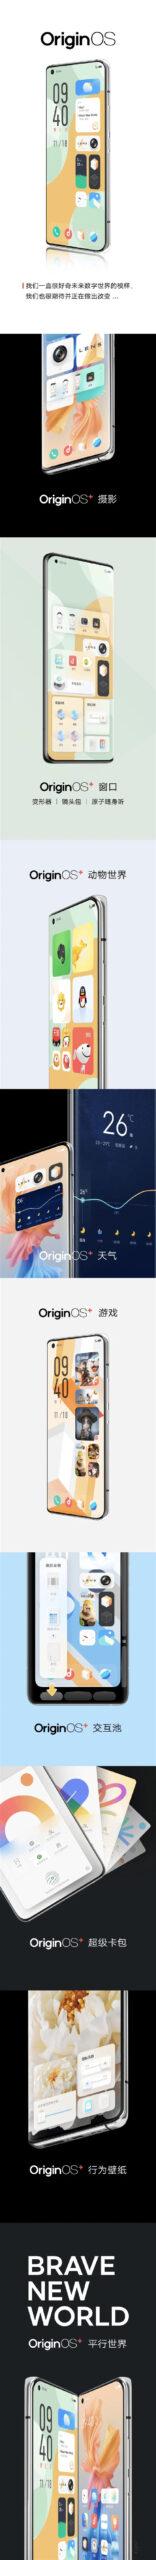 Vivo officially unveils OriginOS